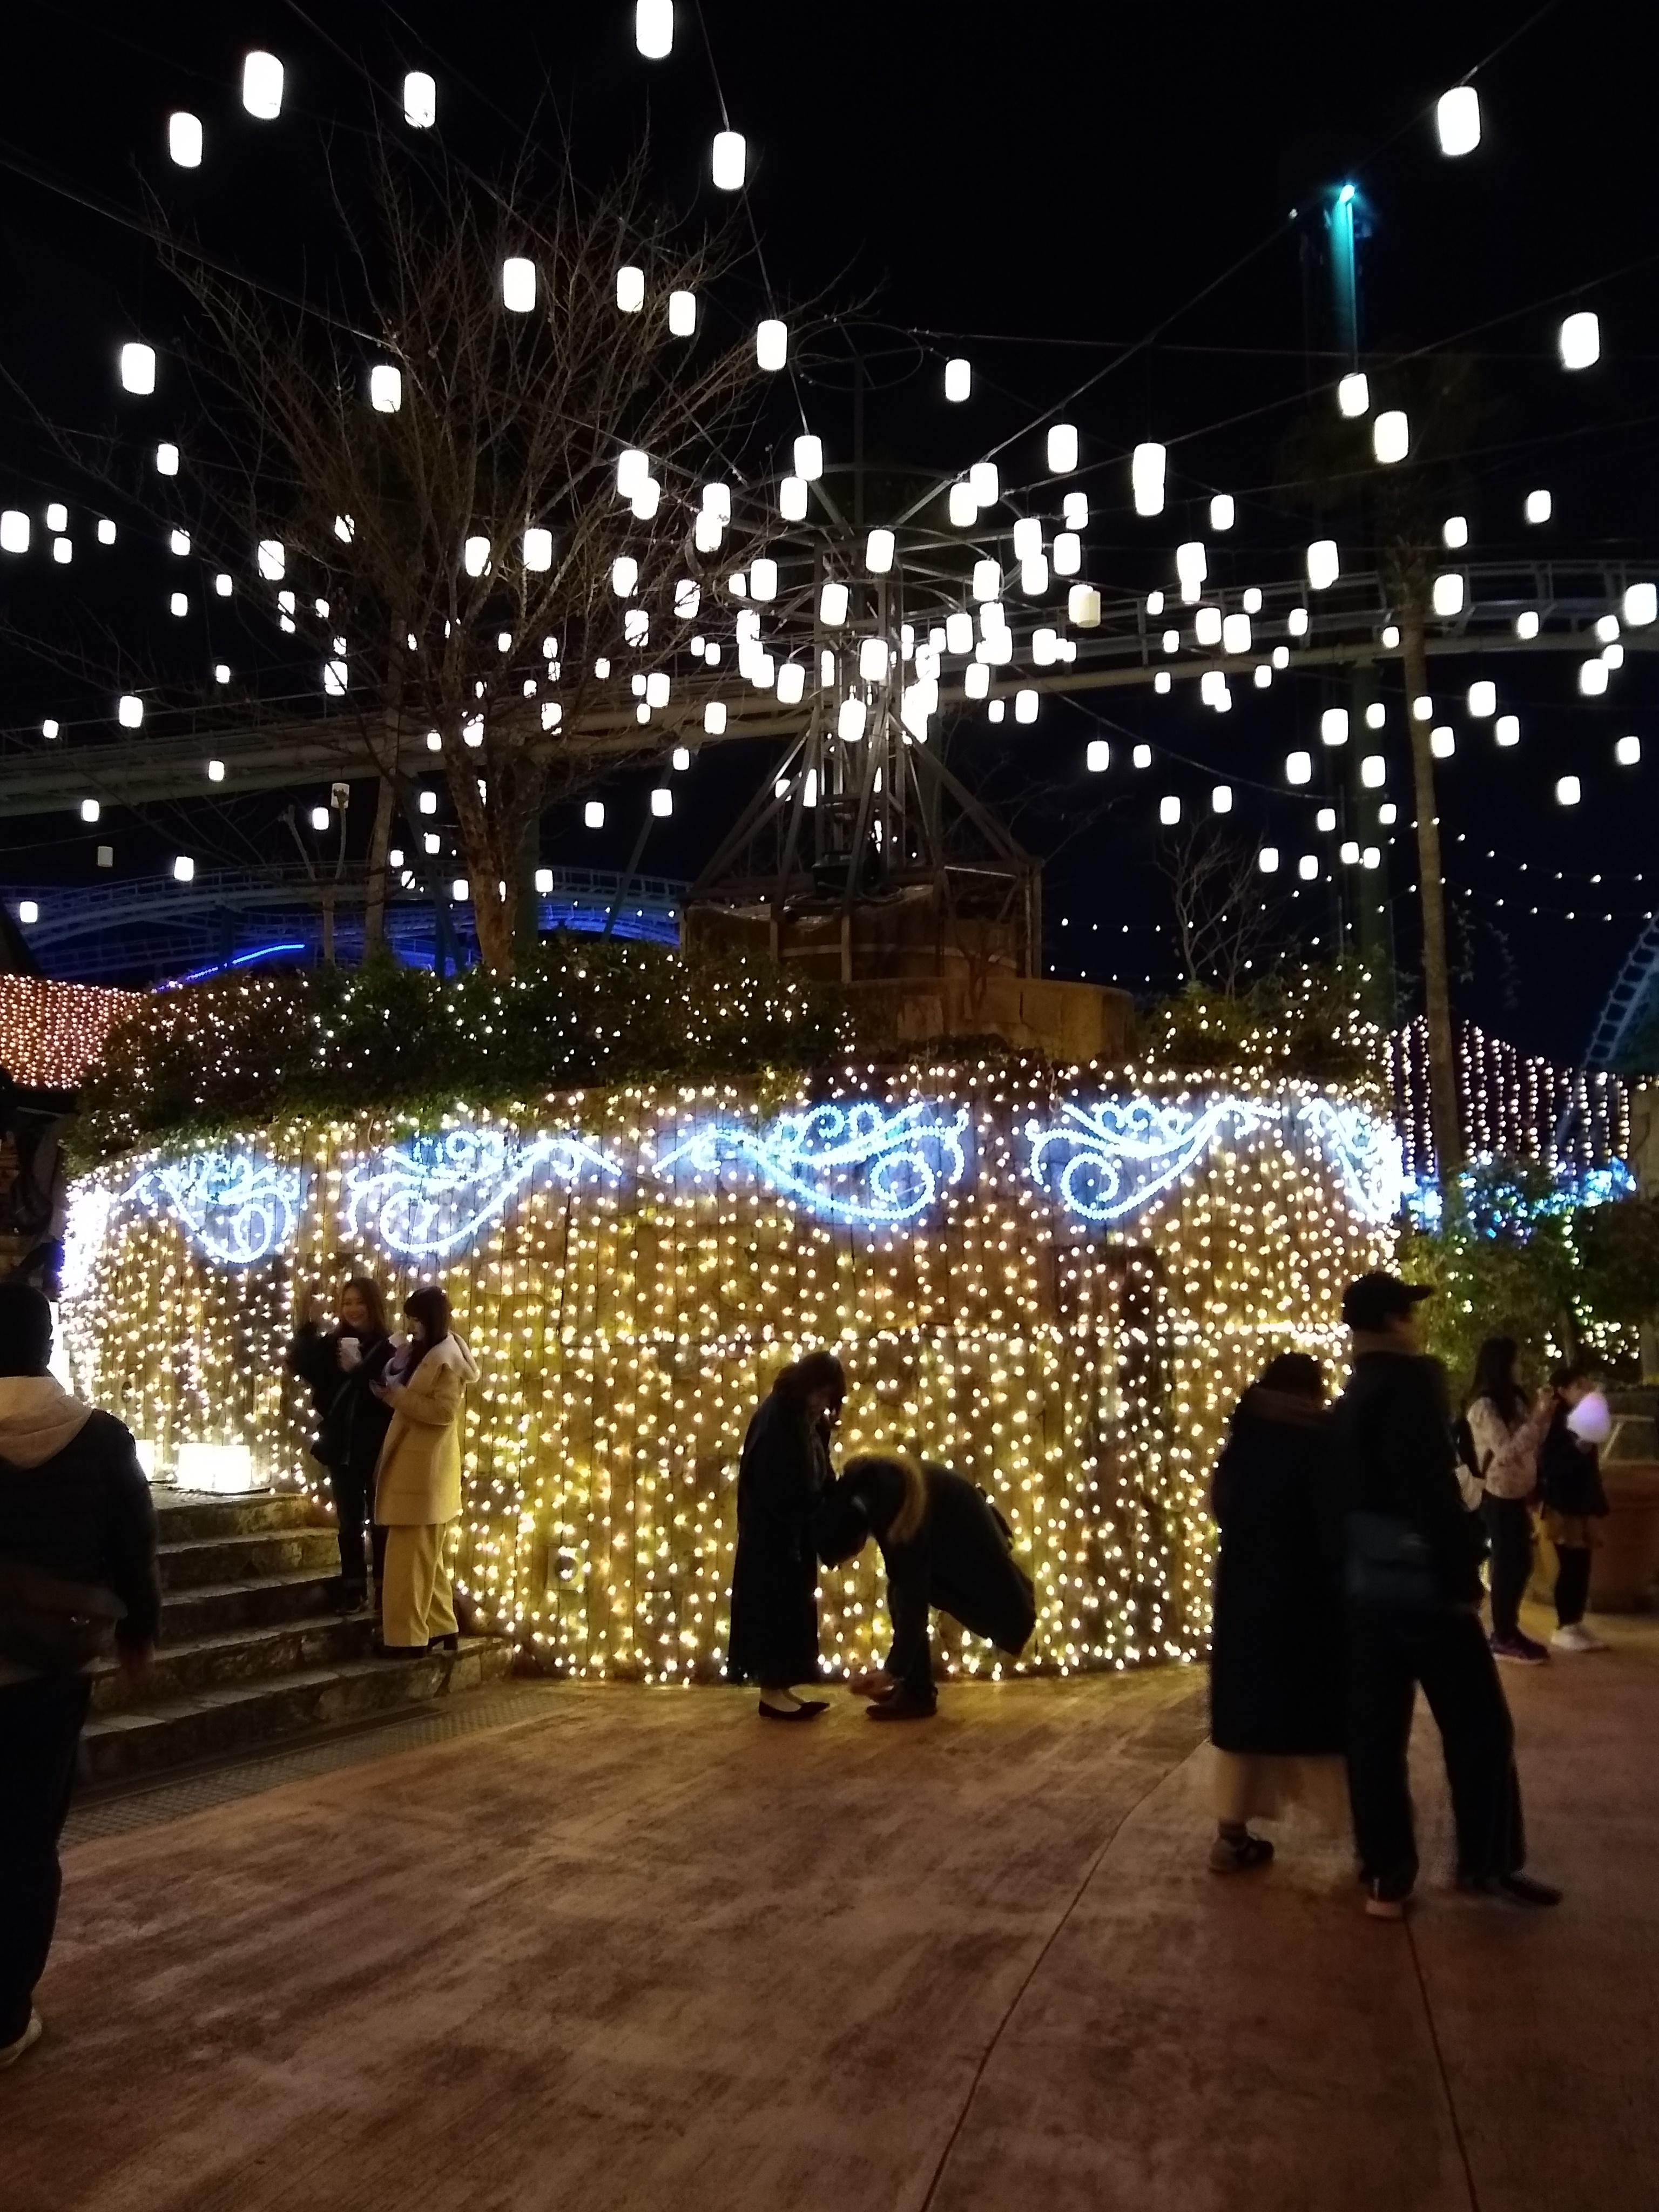 大阪デートスポットの穴場は「枚方パーク」!カップルが日本一気軽に楽しめるテーマパークである!